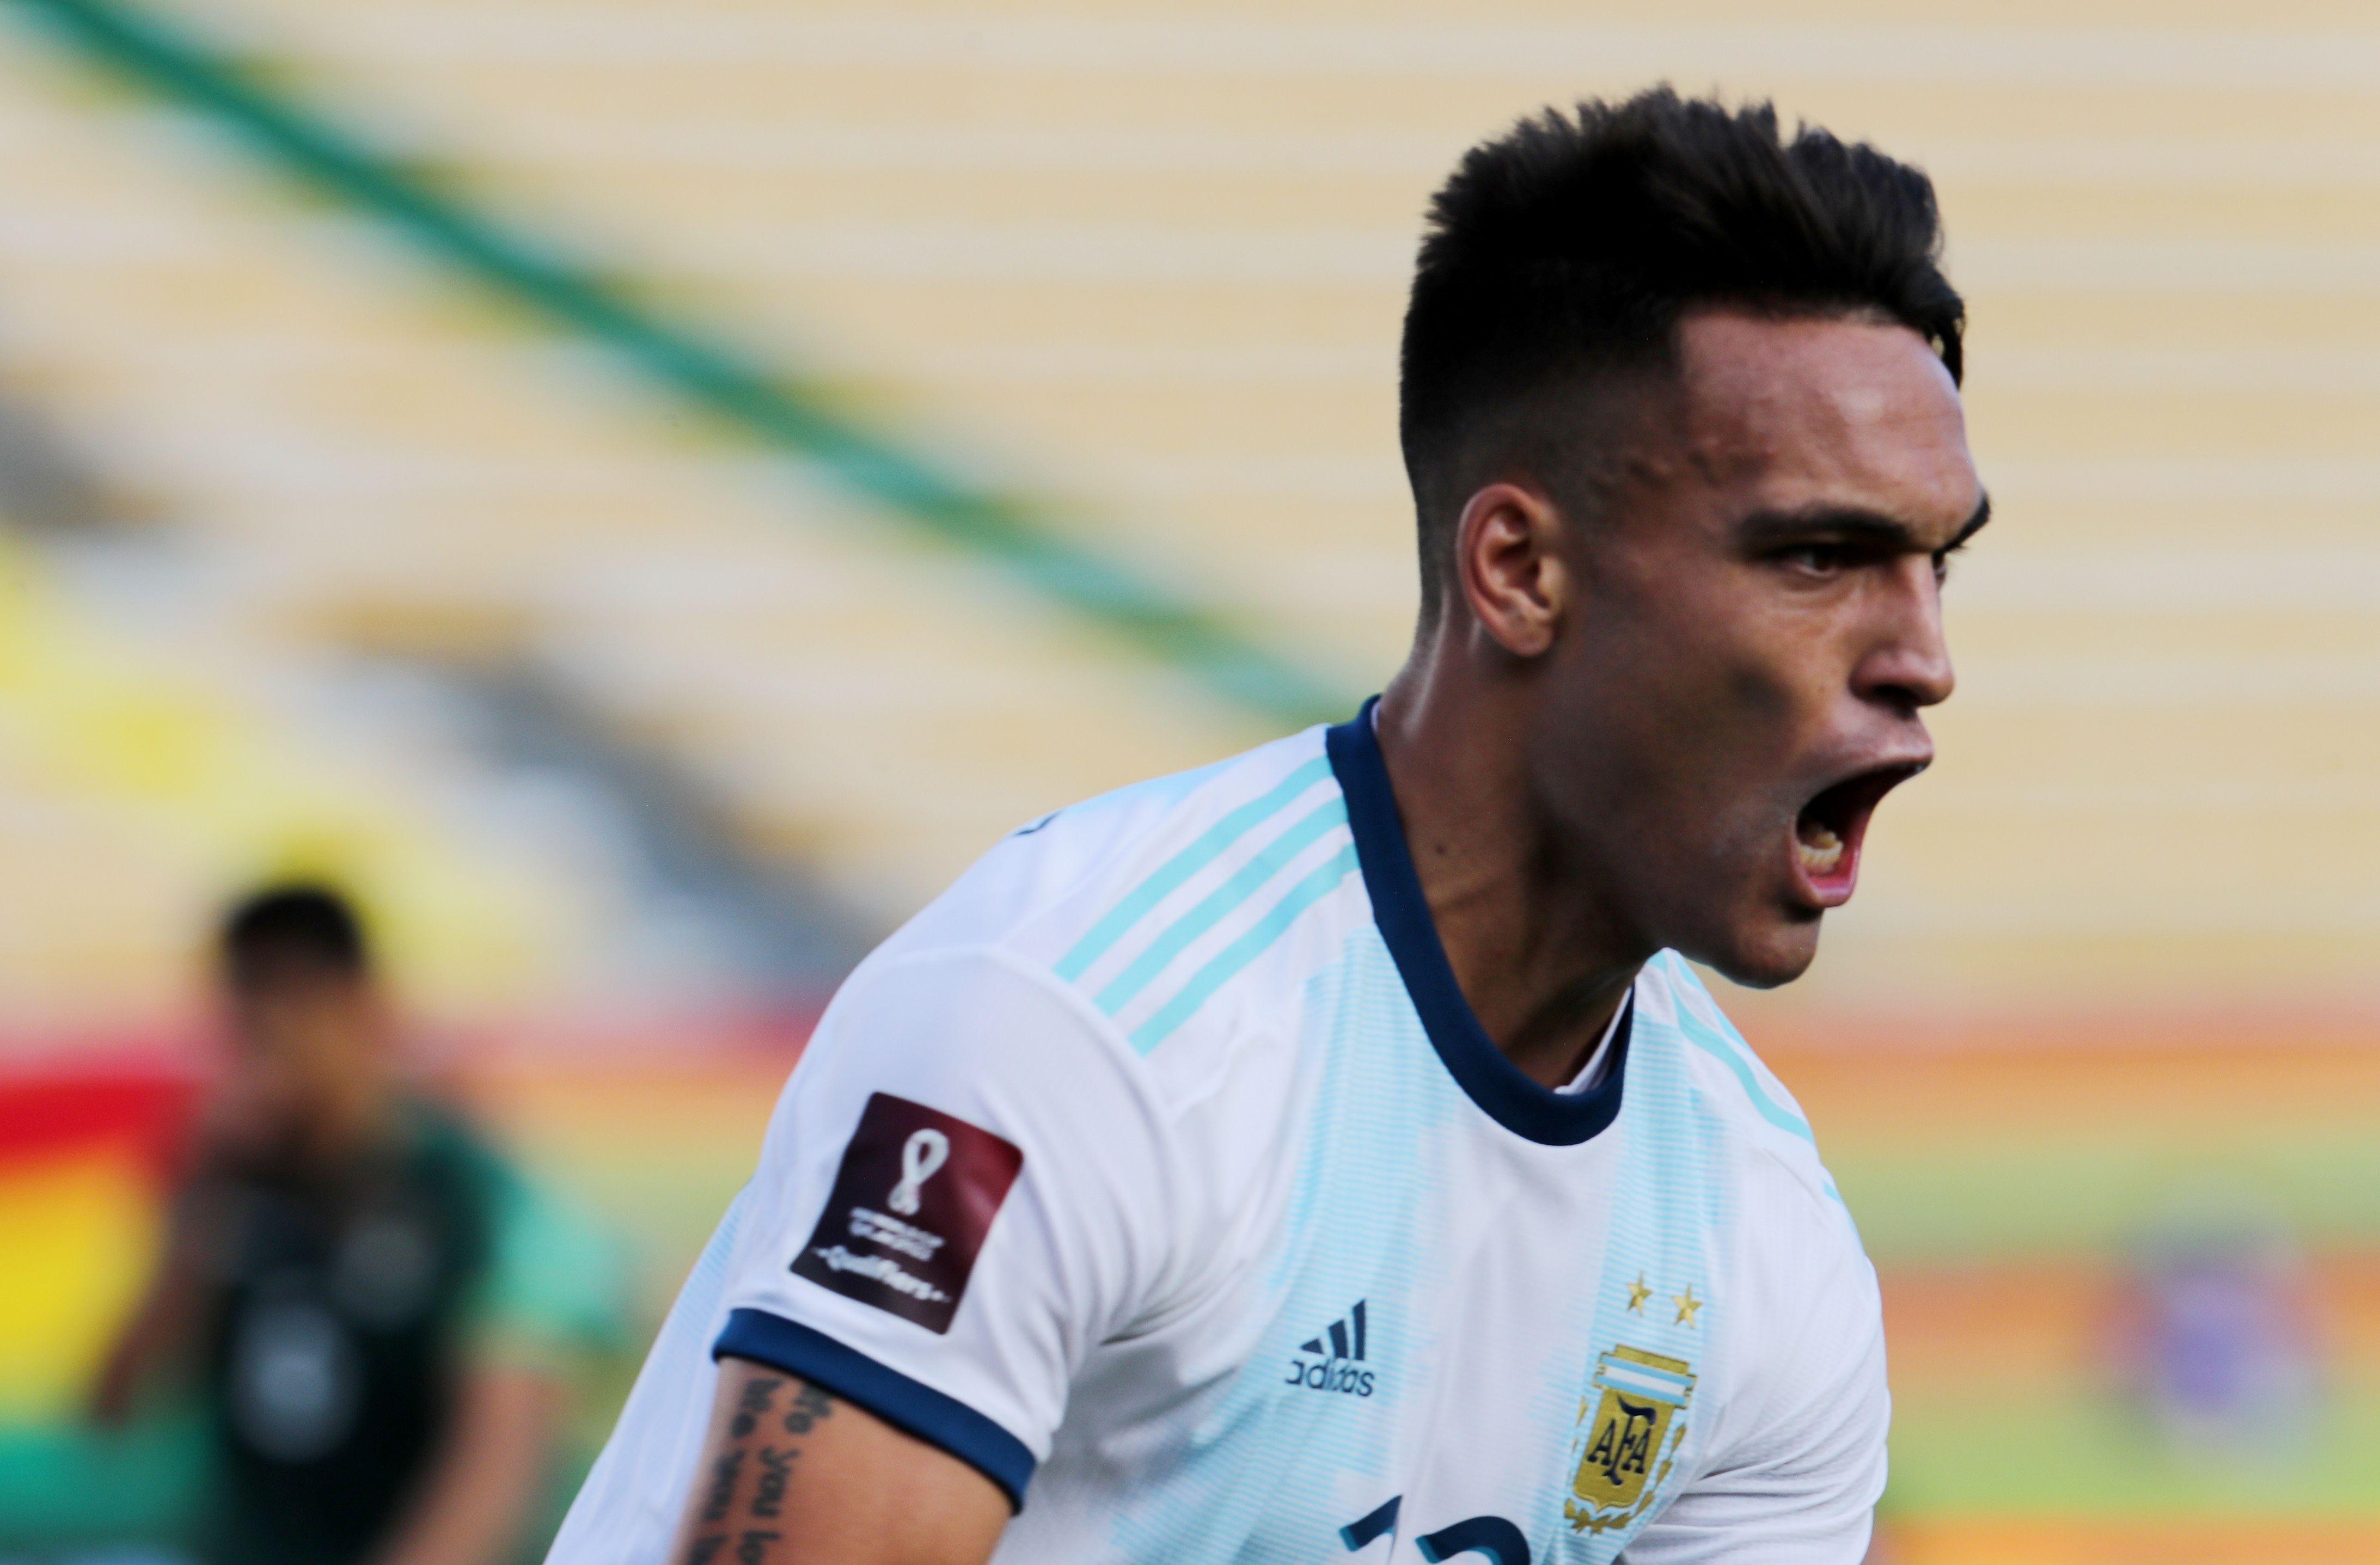 A segundos del final de la primera parte, apareció Lautaro Martínez para poner el 1-1 en el marcador